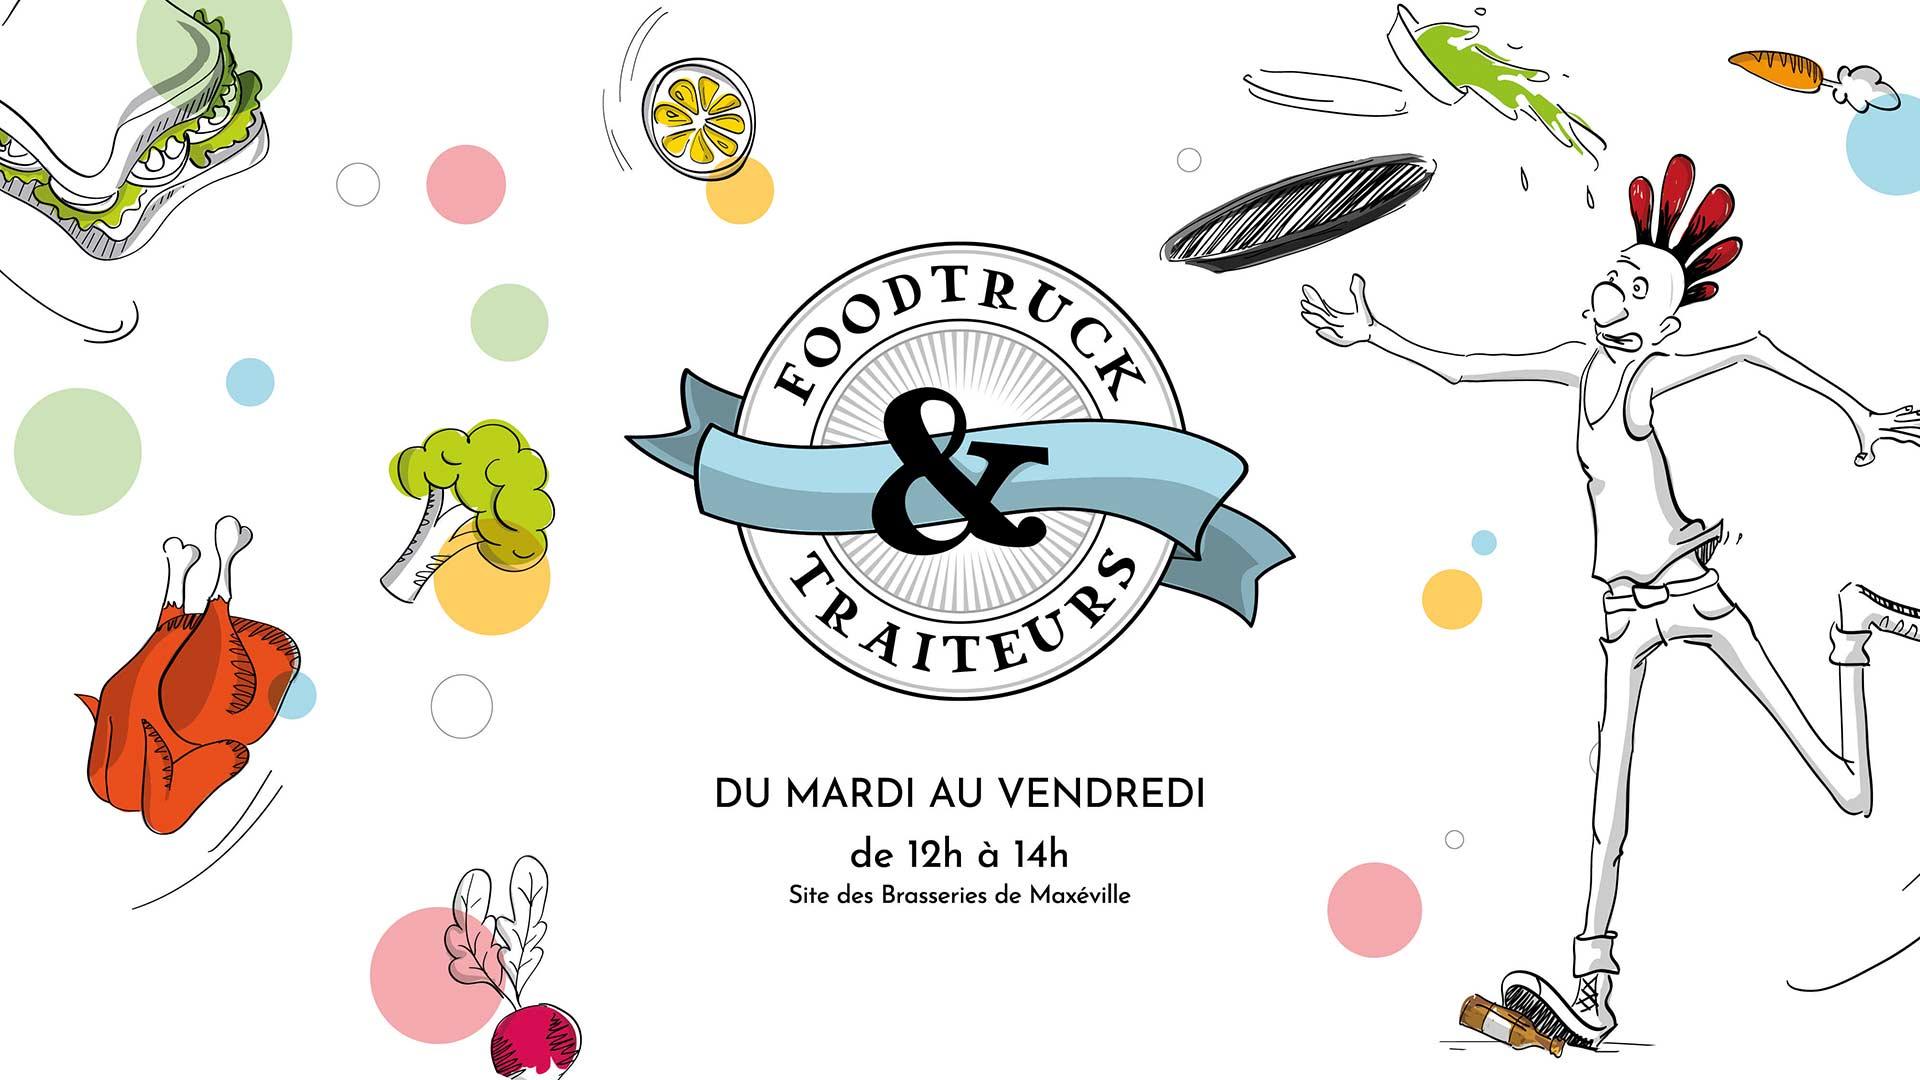 https://lafabriquedesgros.fr/wp-content/uploads/2020/09/la-fabrique-des-gros_foodtucks-et-traiteurs.jpg